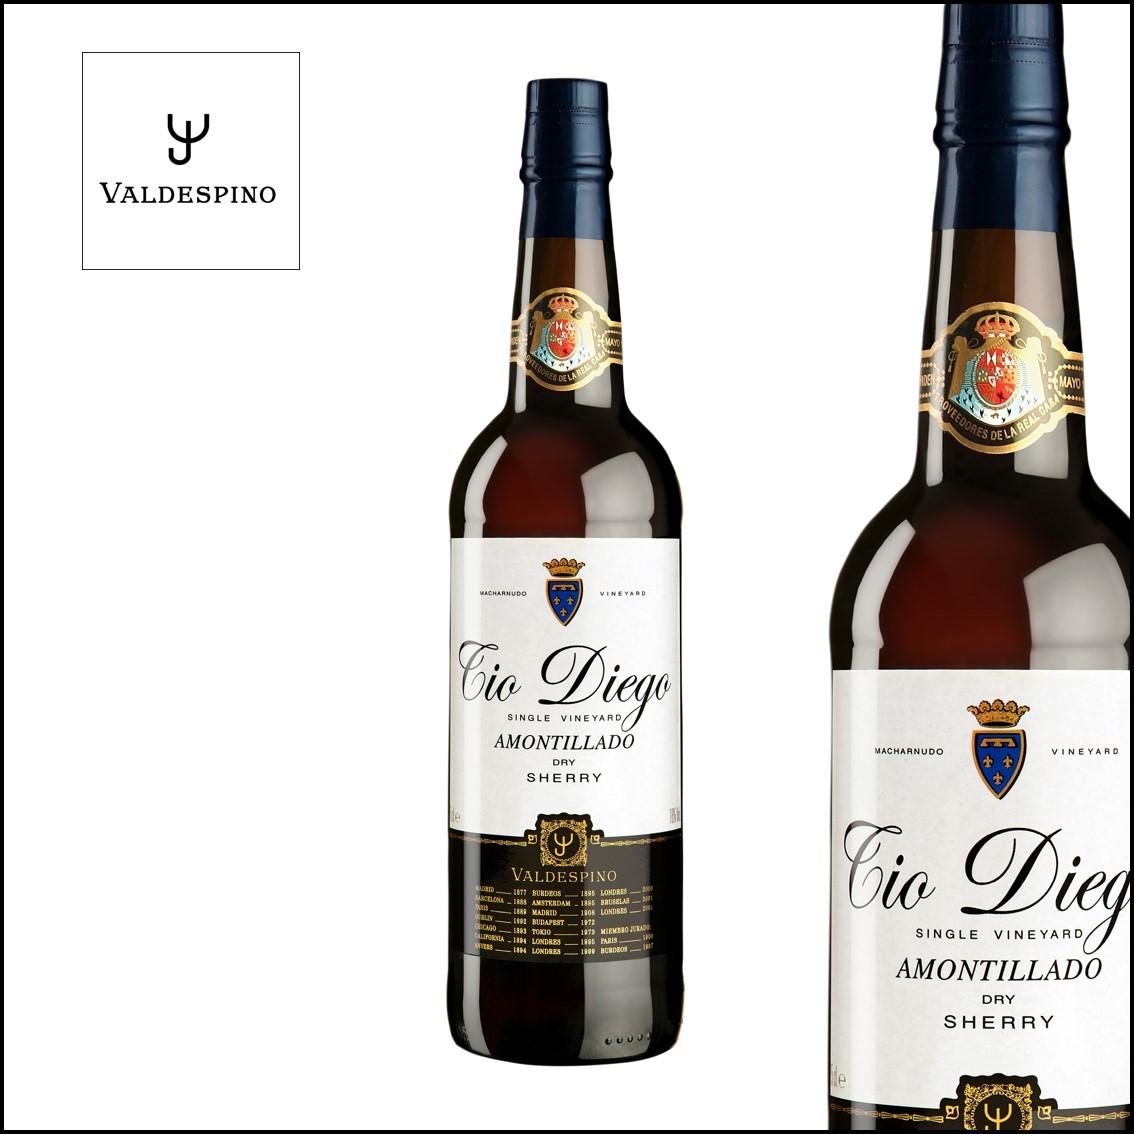 Valdespino «Tío Diego» Amontillado